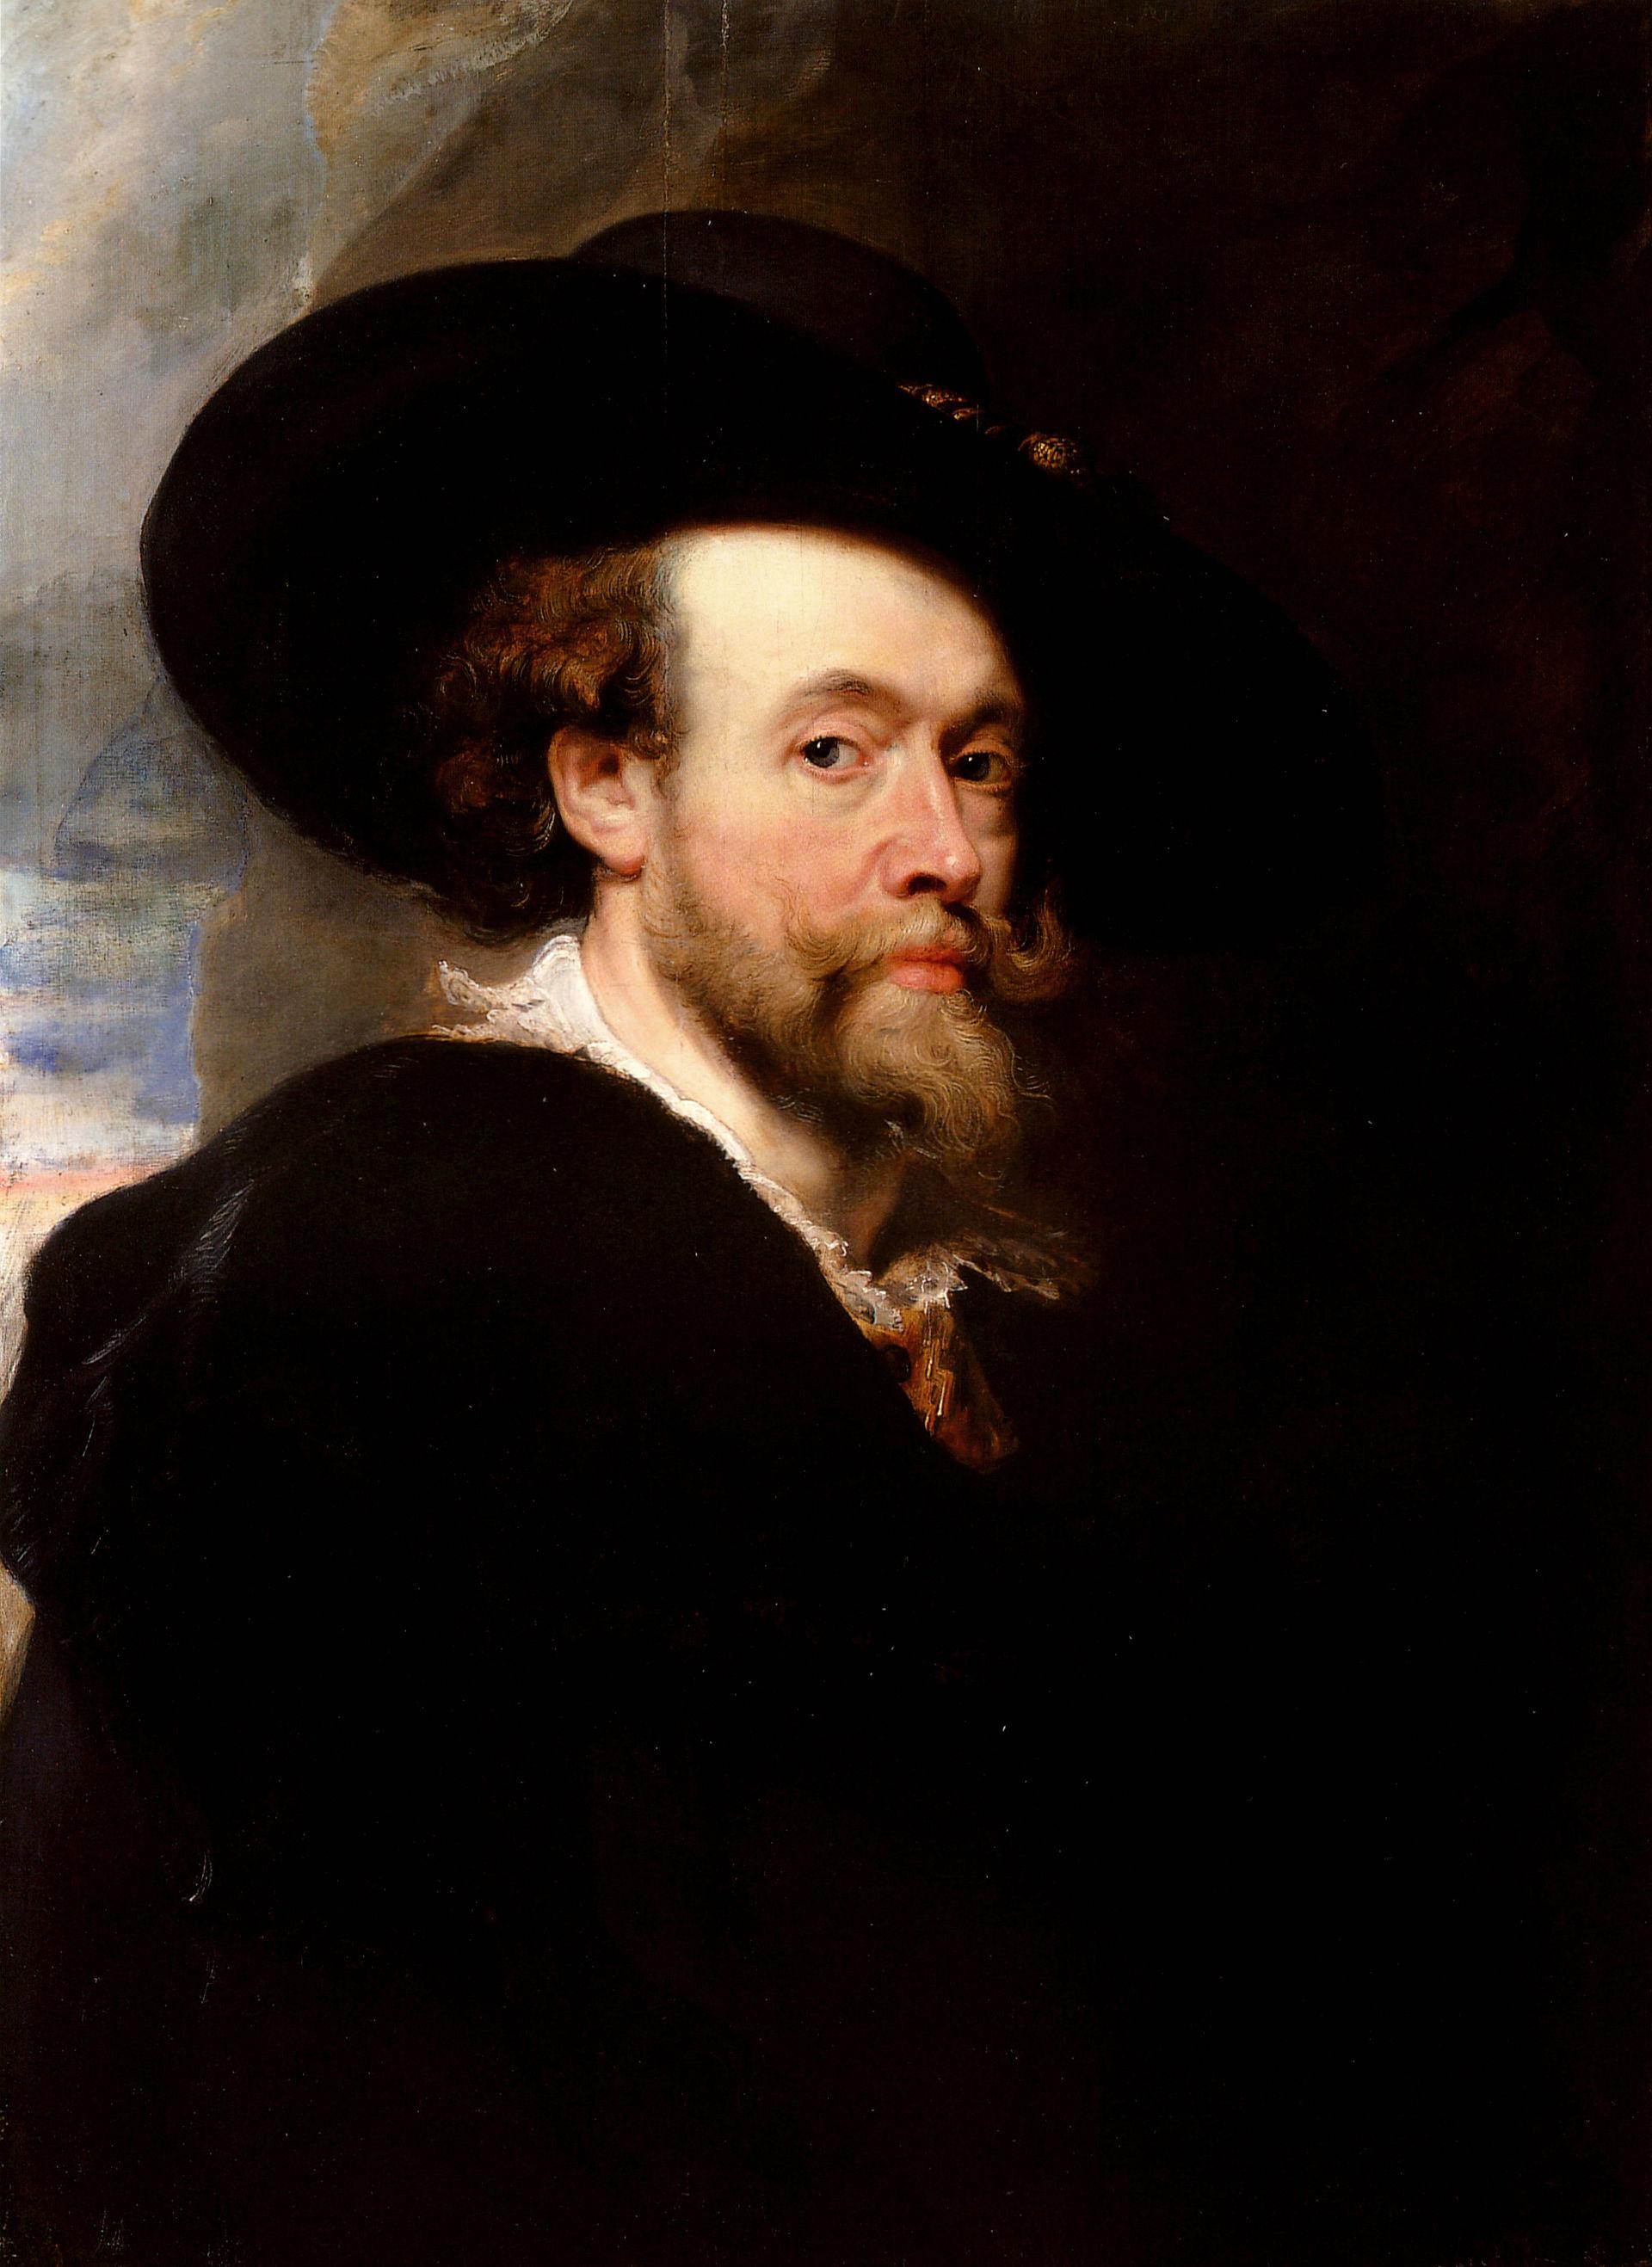 ルーベンス/バロック時代の画家、その生涯と有名な絵画について